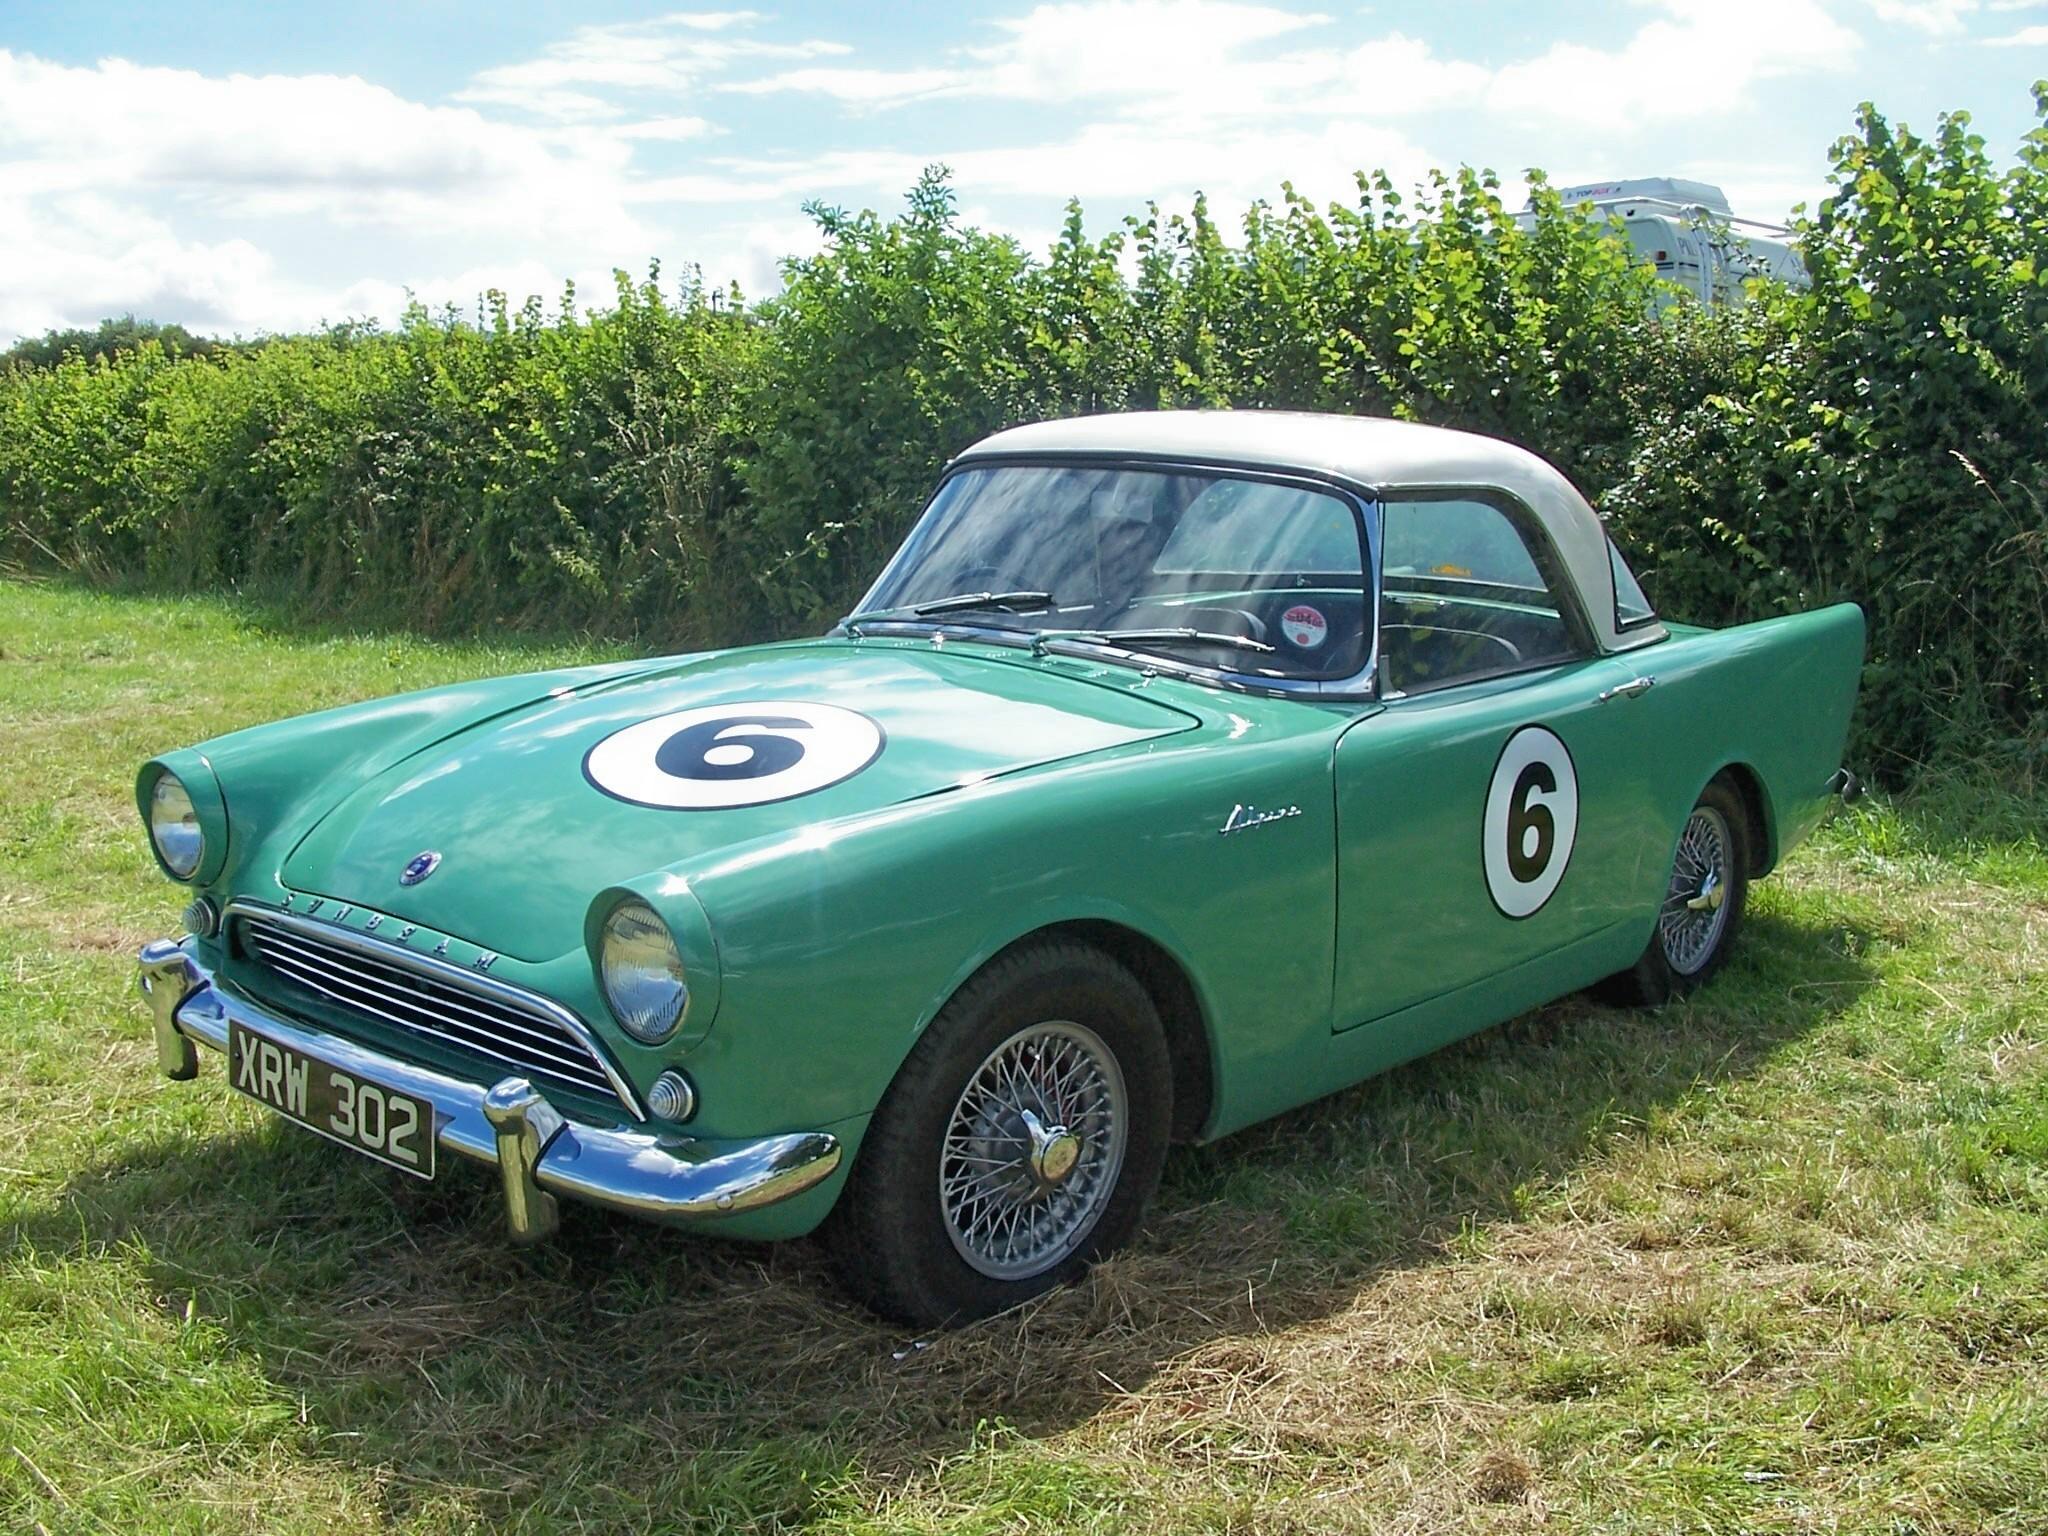 Bernard_Unett's_first_racing_car_Sunbeam